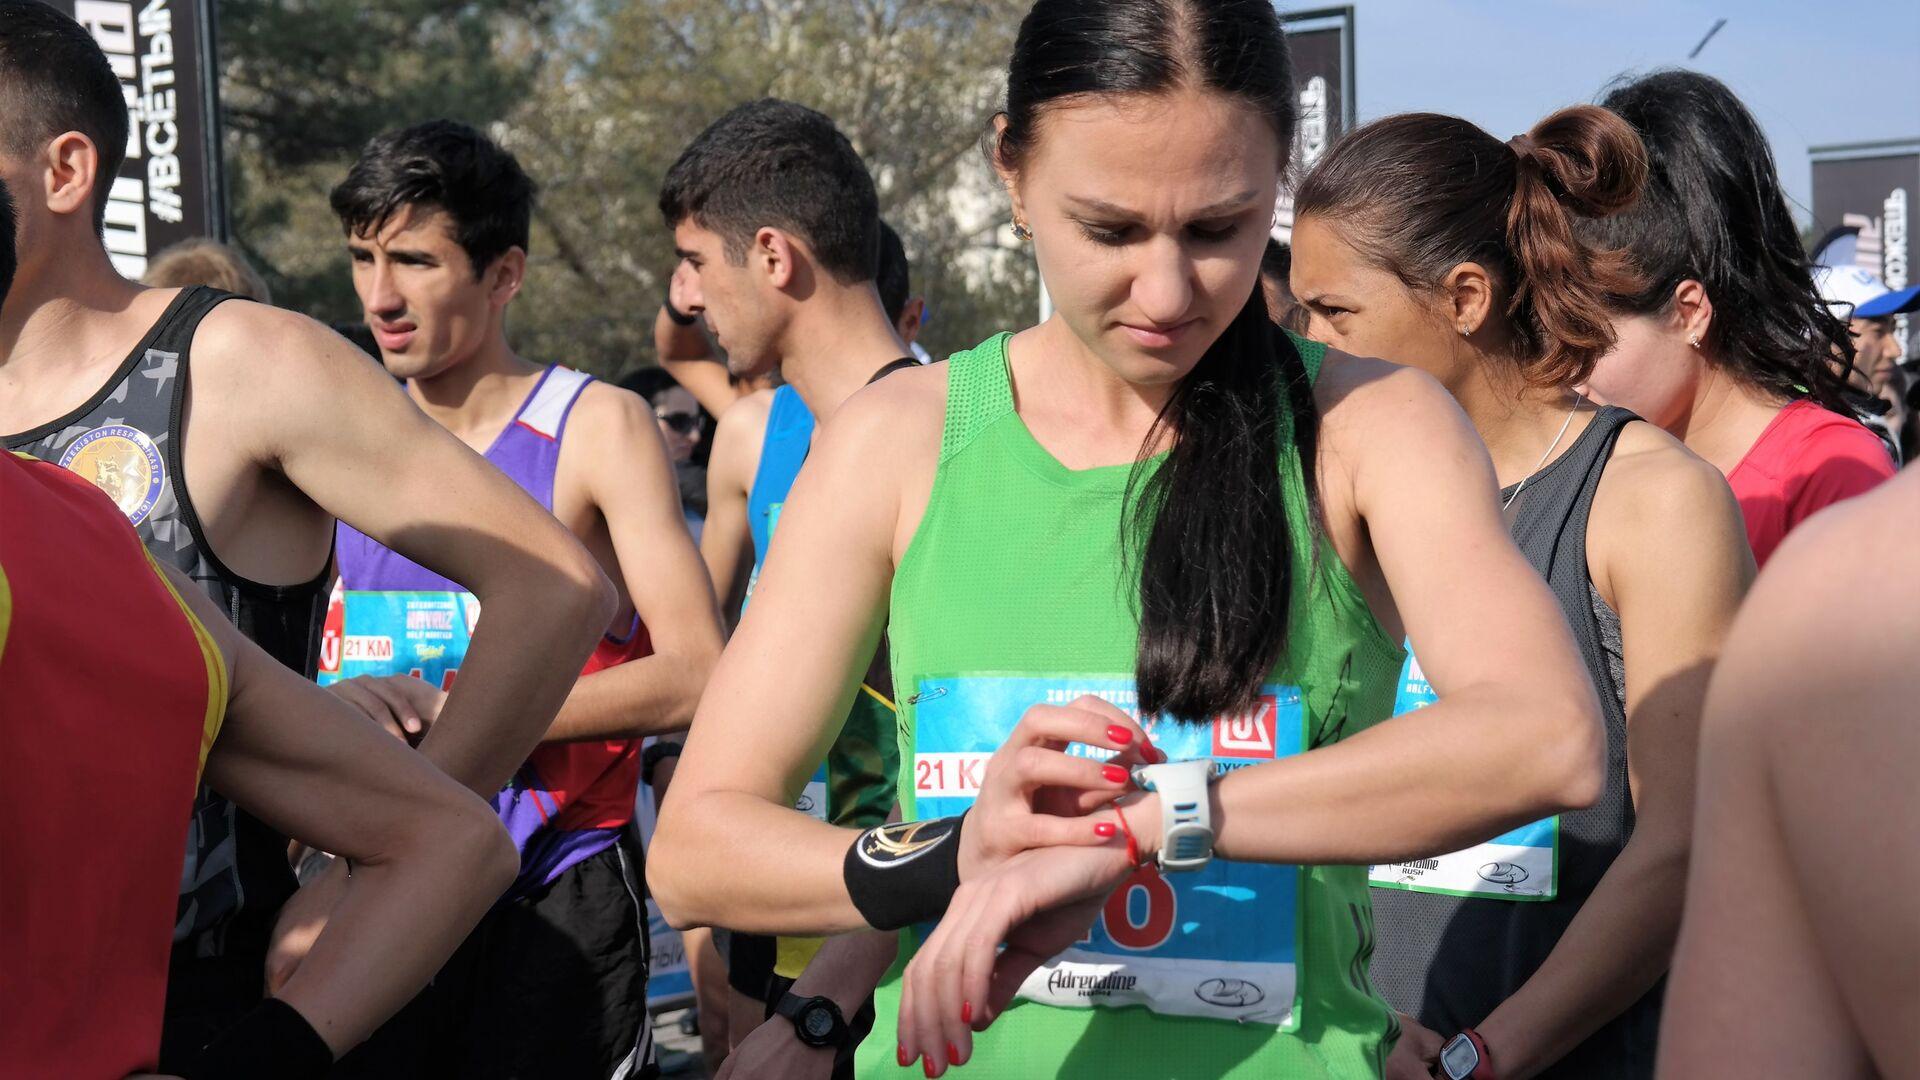 Я влюбилась в этот марафон как раз за то, что ты реально увидишь весь Ташкент, увидишь всю красоту, и это очень здорово, — говорит участница марафона. - Sputnik Ўзбекистон, 1920, 18.09.2021